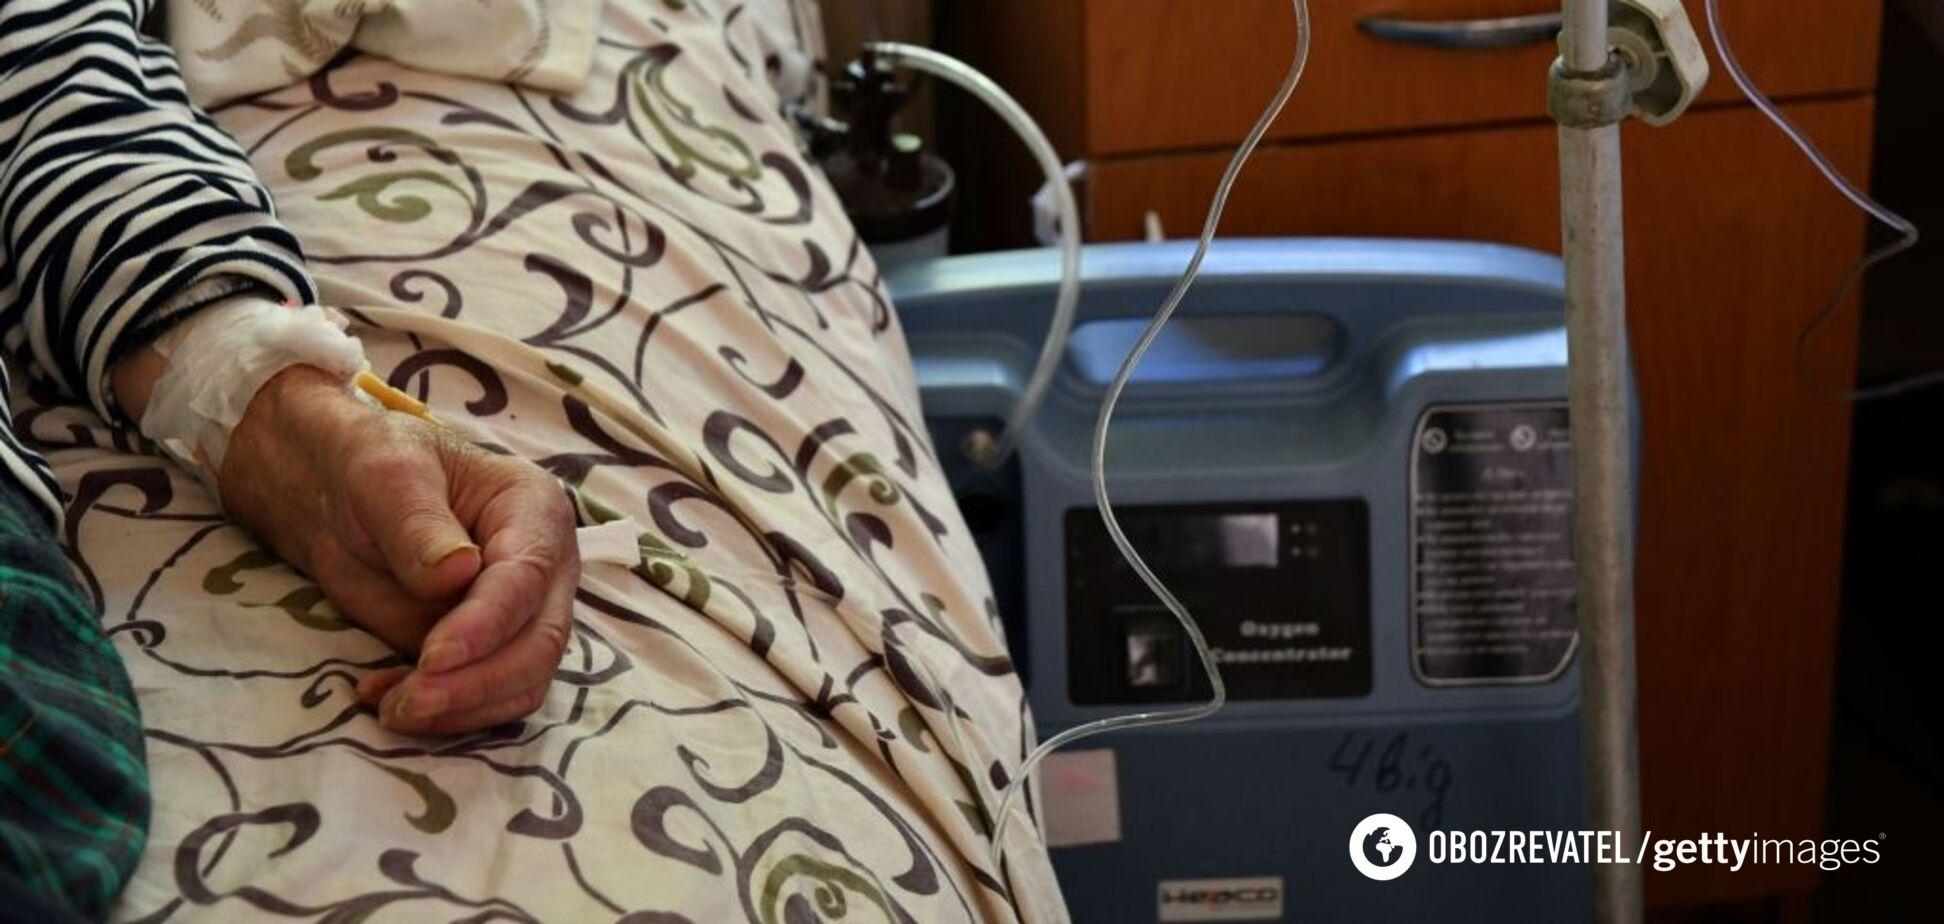 Волонтер заявила, что в Одессе берут деньги за госпитализацию COVID-пациентов: родные готовы платить до $1000